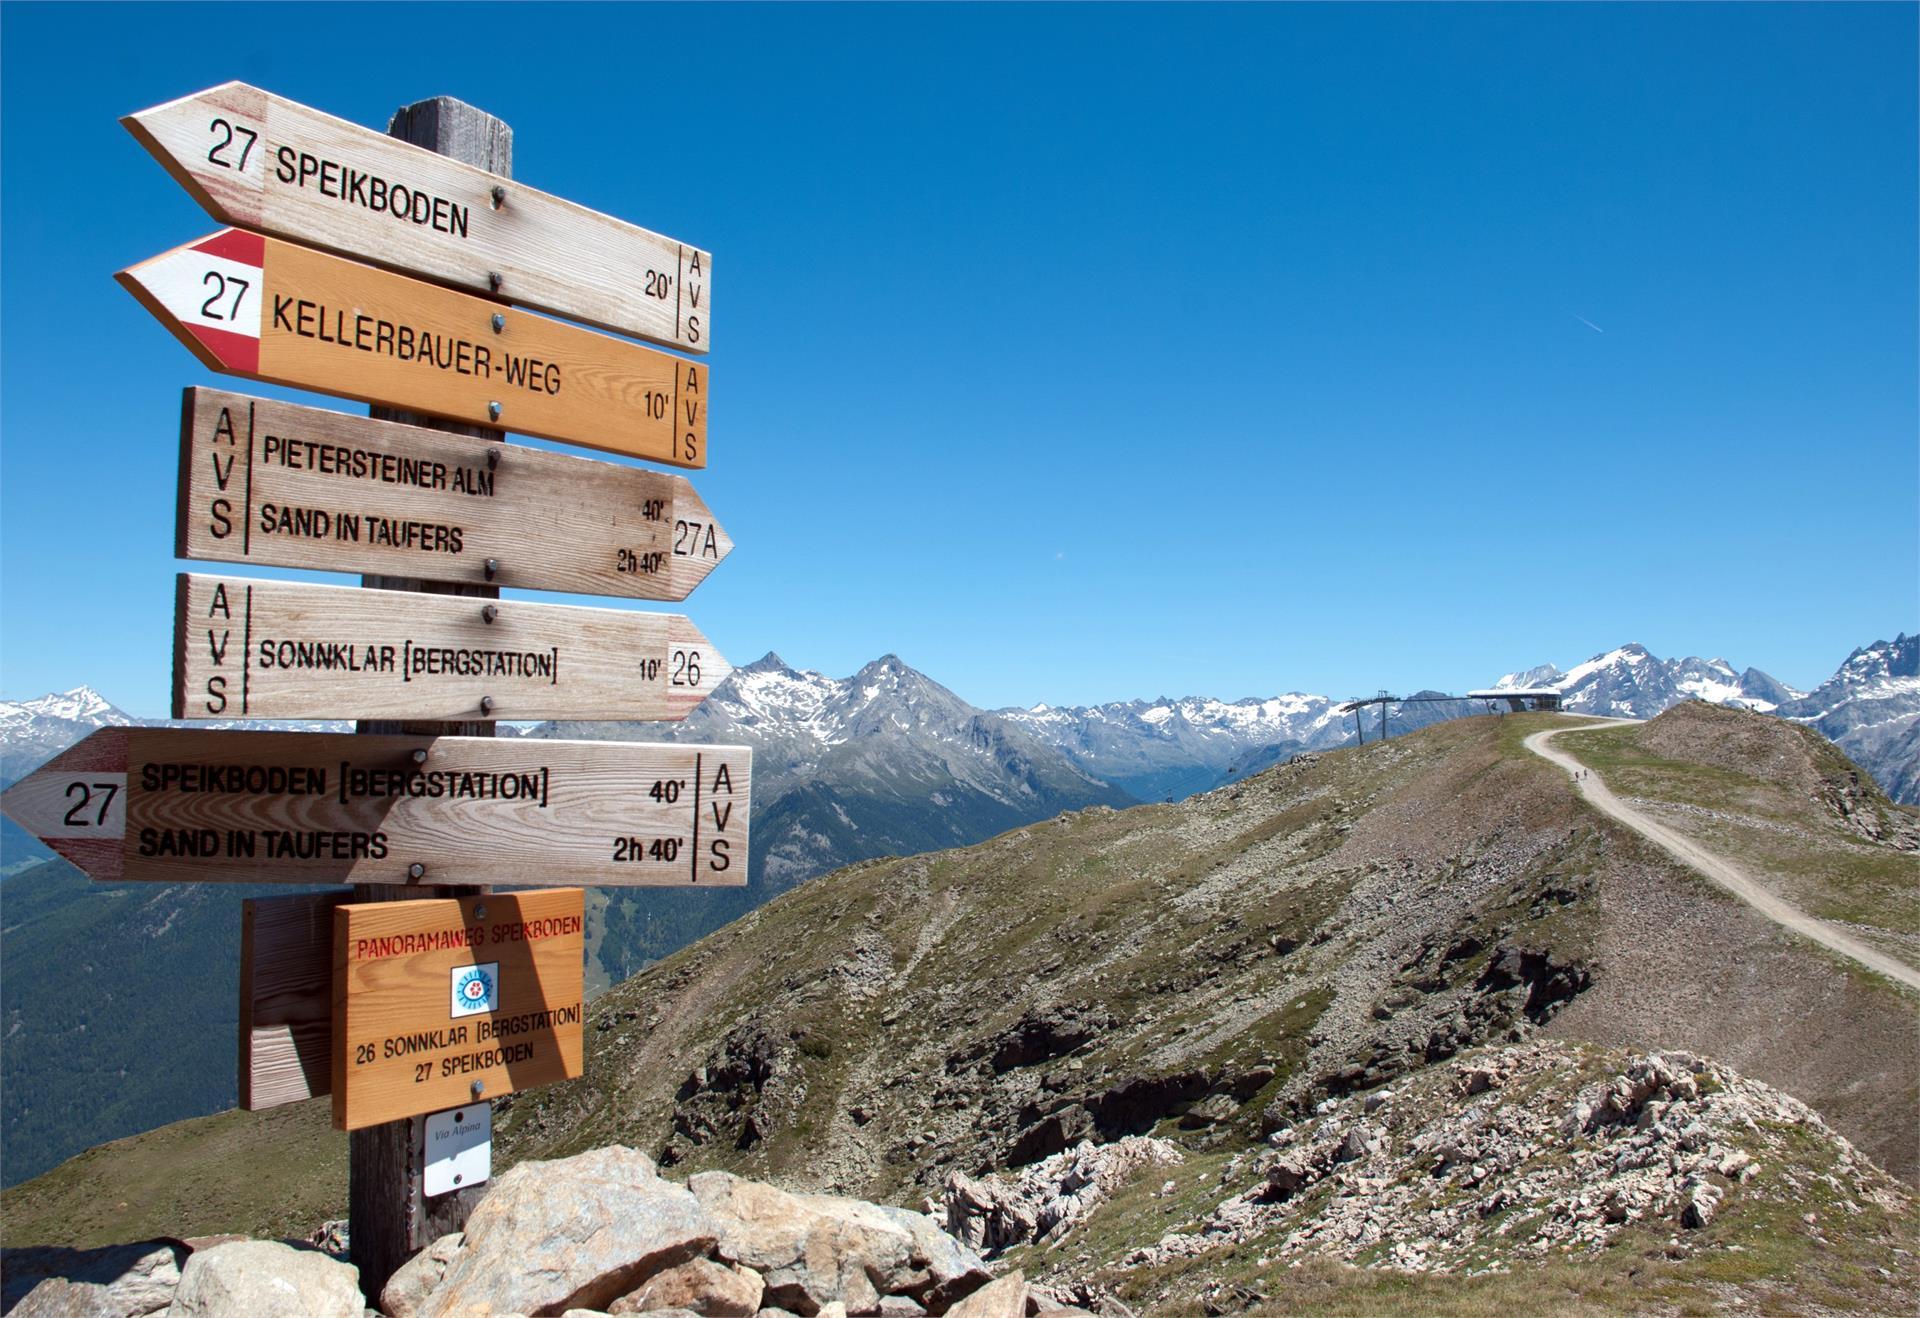 Zona escursionistica Speikboden